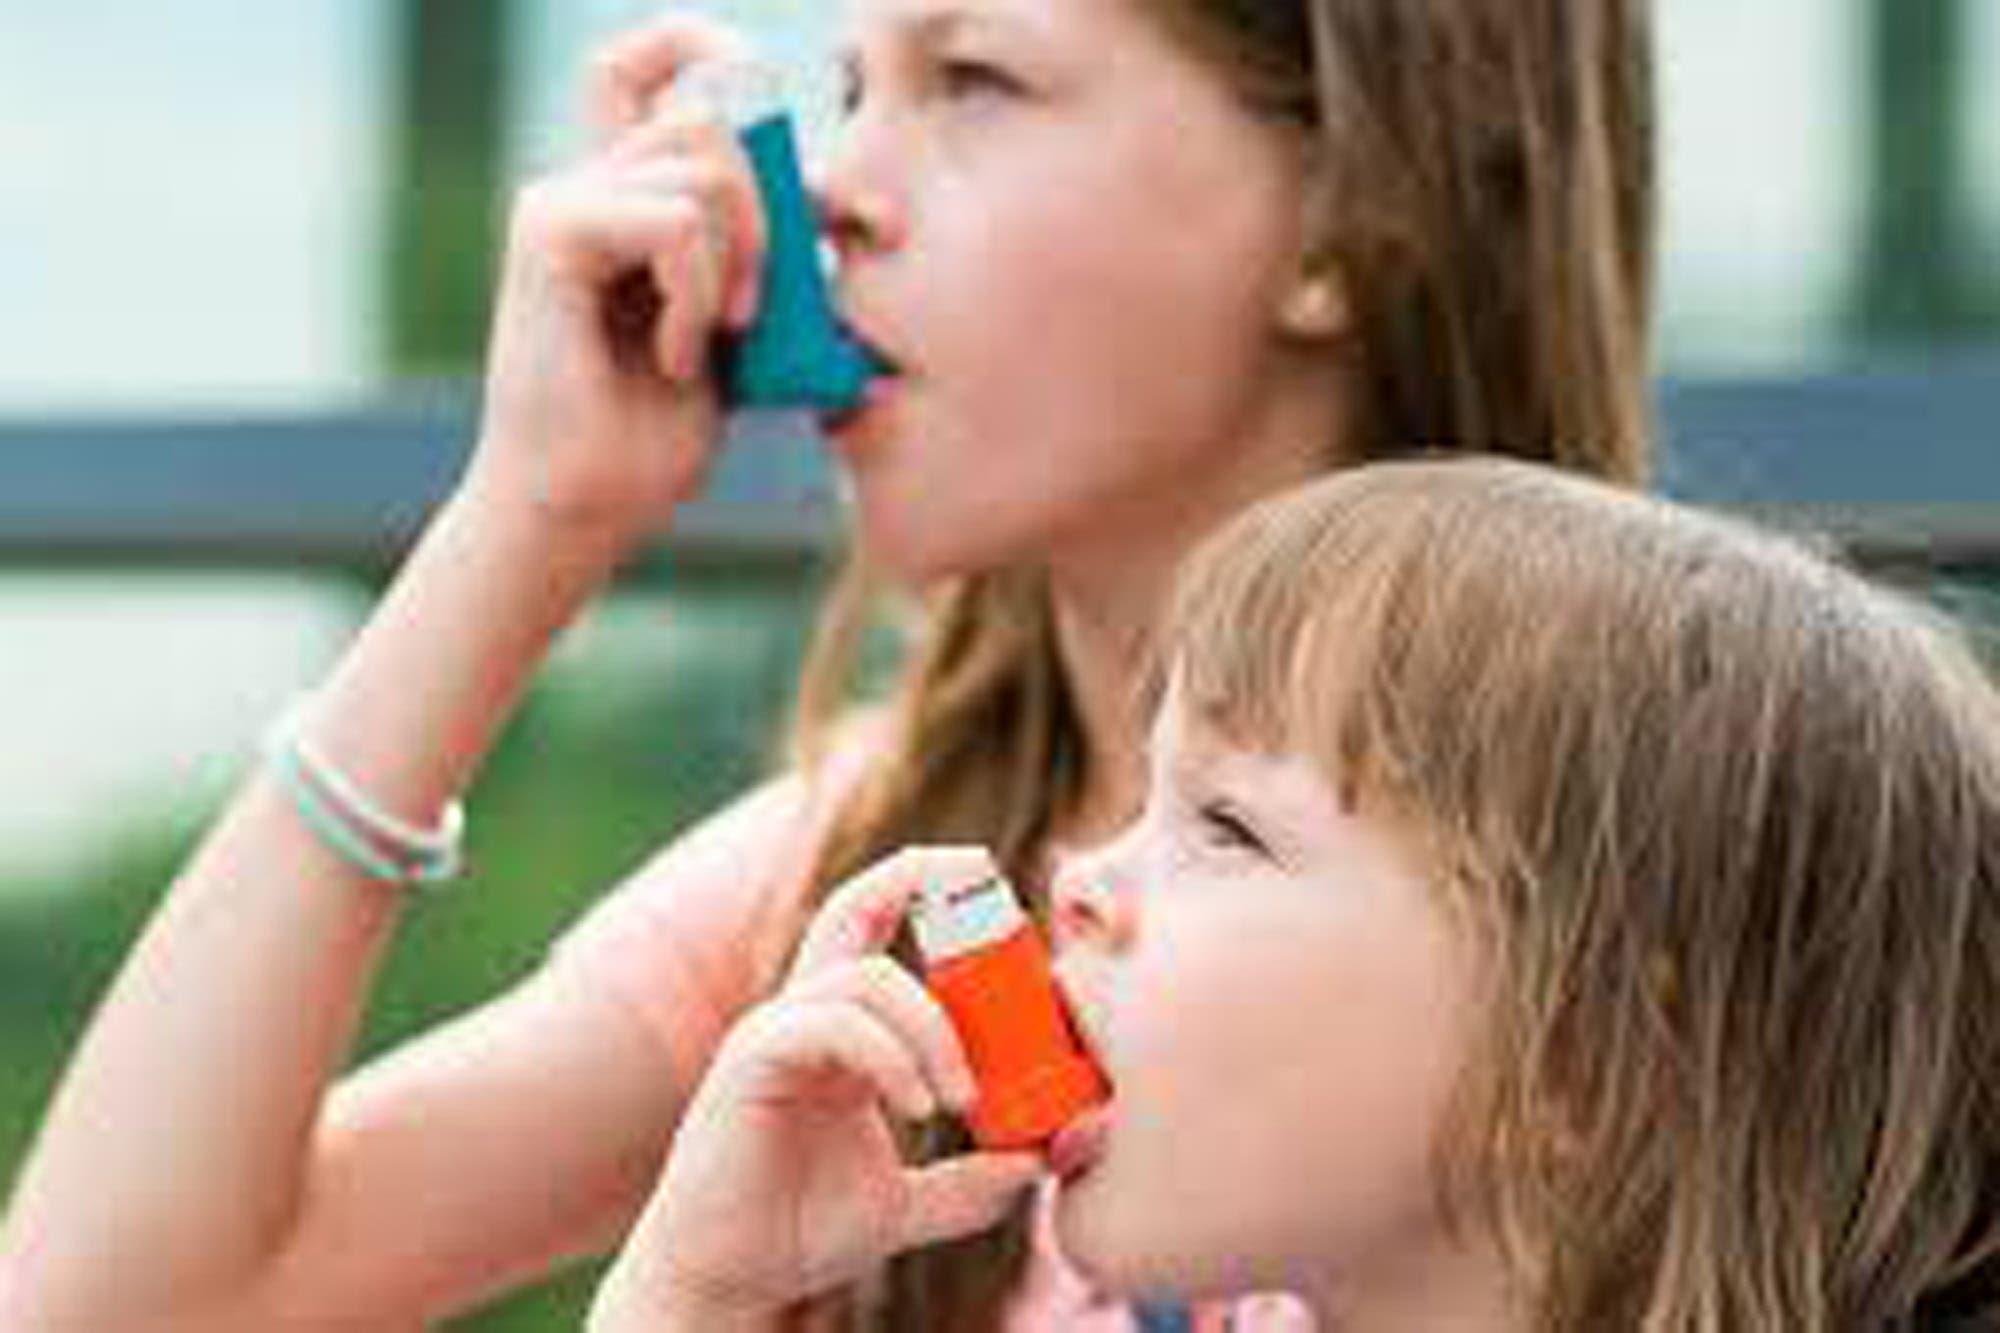 La Anmat prohibió el uso, distribución y comercialización de un producto para el asma